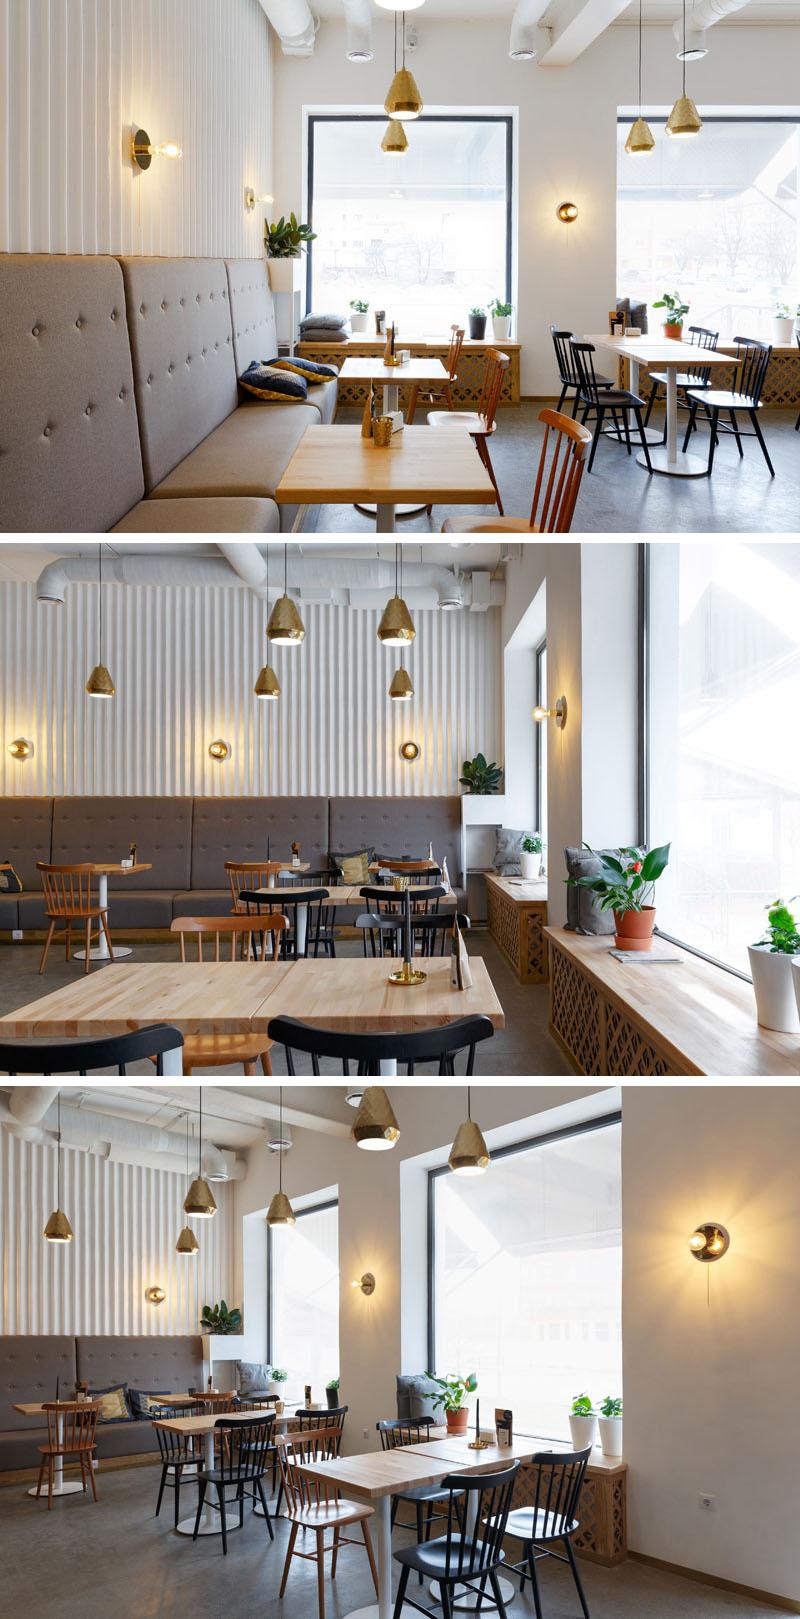 thiết kế quán cà phê diện tích nhỏ